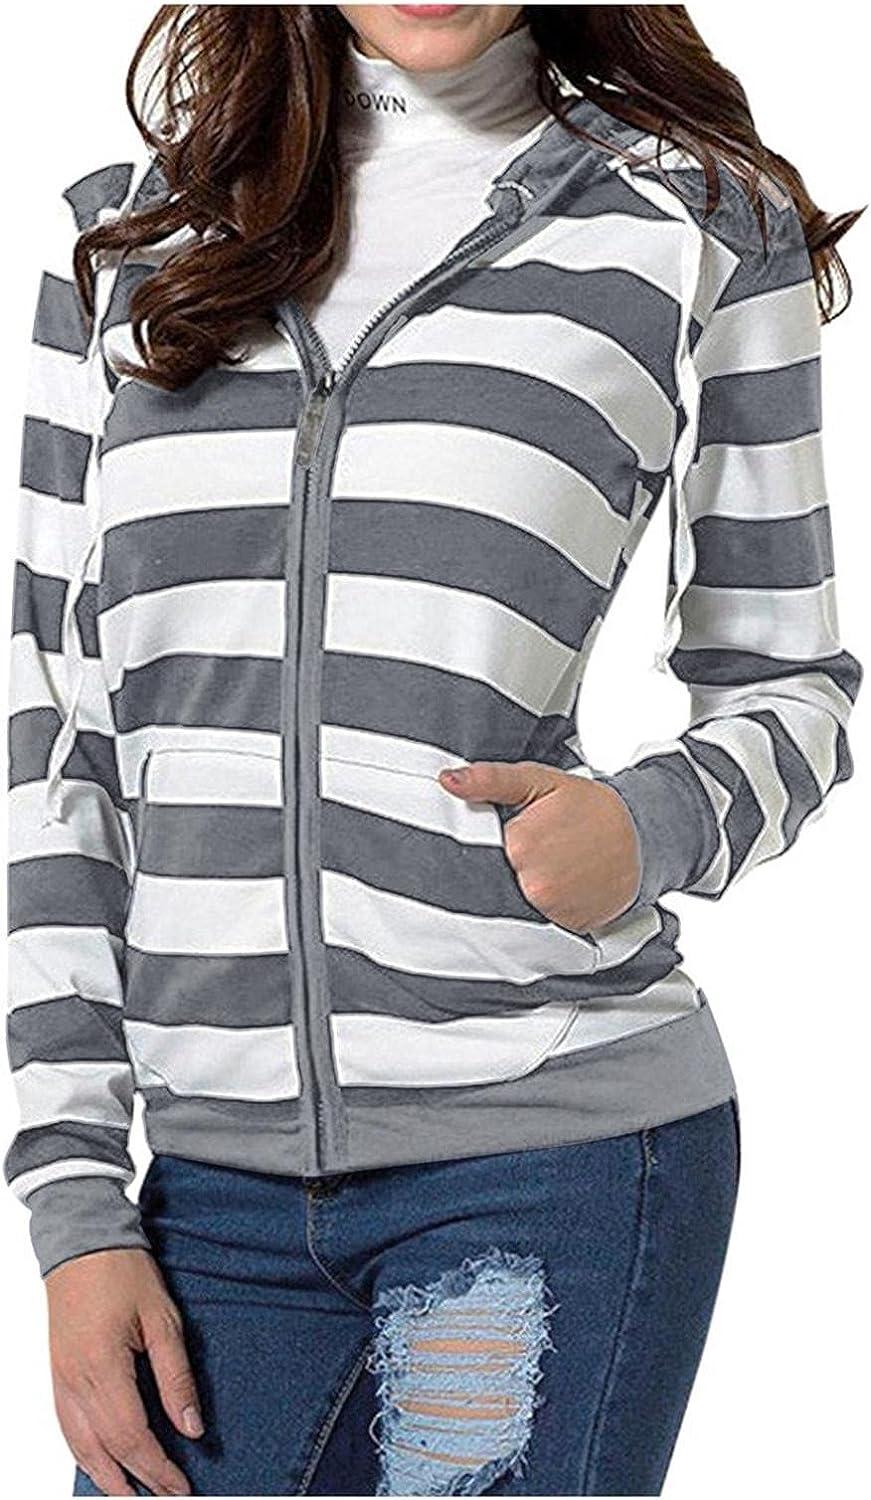 felwors Womens Hoodies, Womens Casual Pullover Sweatshirts Zip Up Striped Hoodie Color Block Print Long Sleeve Jacket